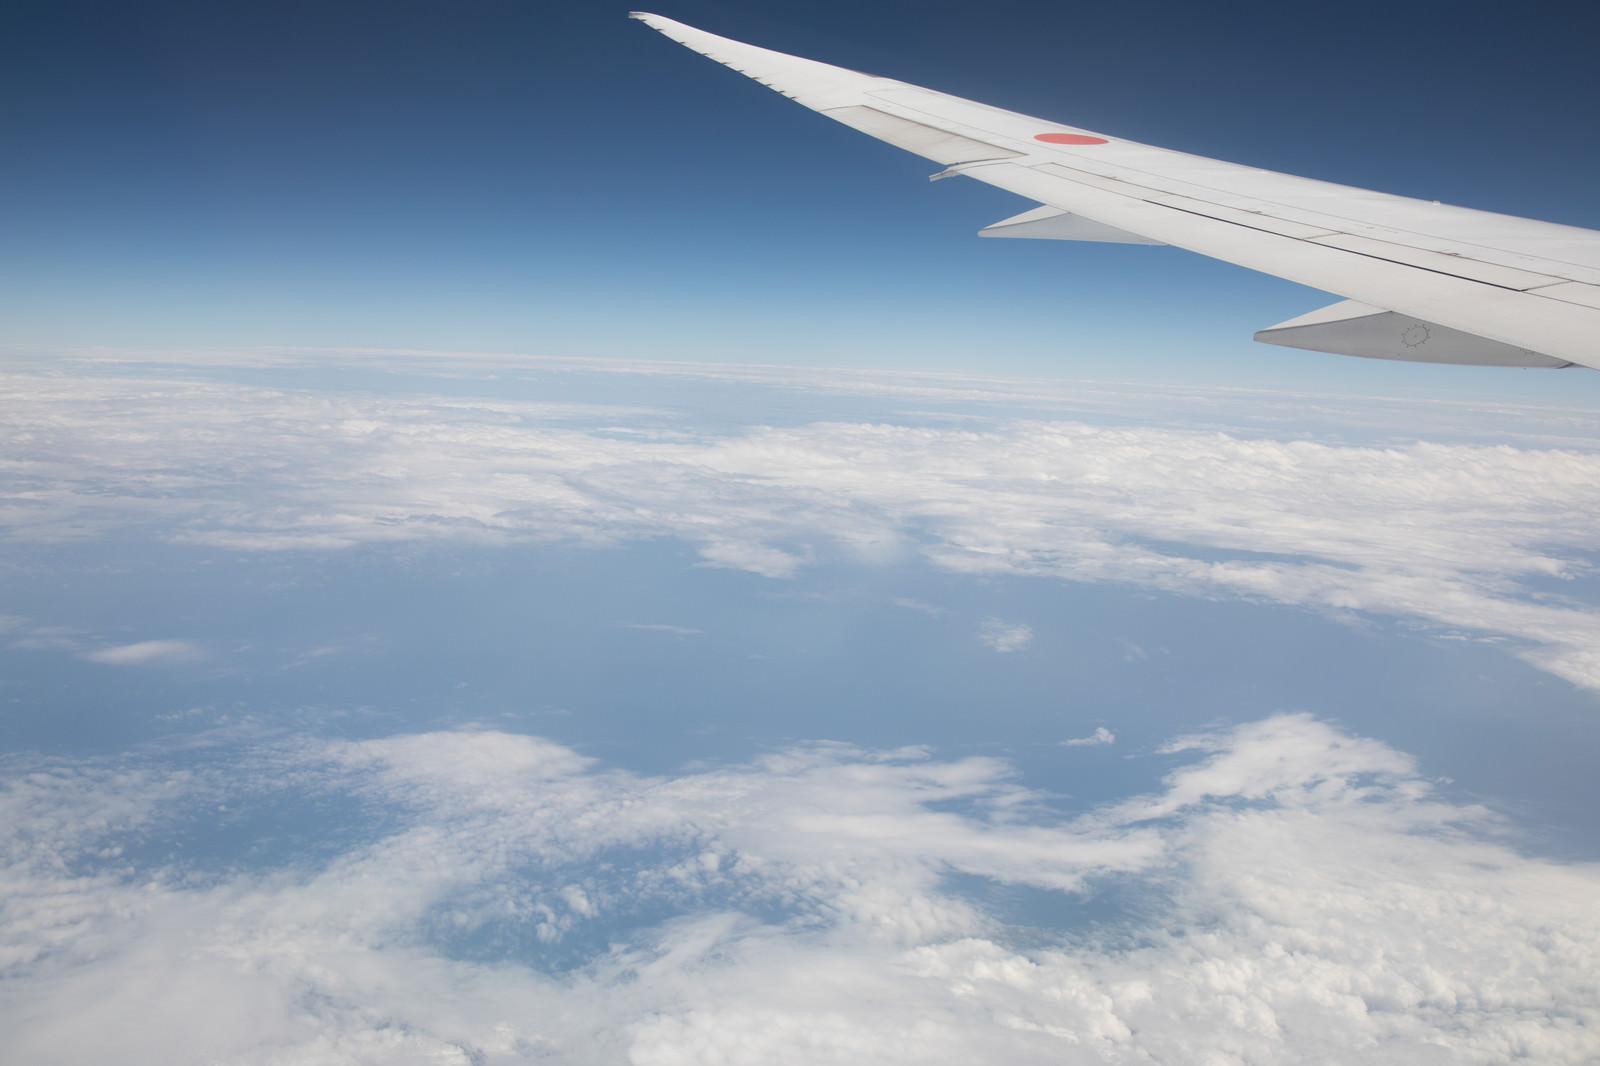 「旅客機の翼と上空から見える景色」の写真